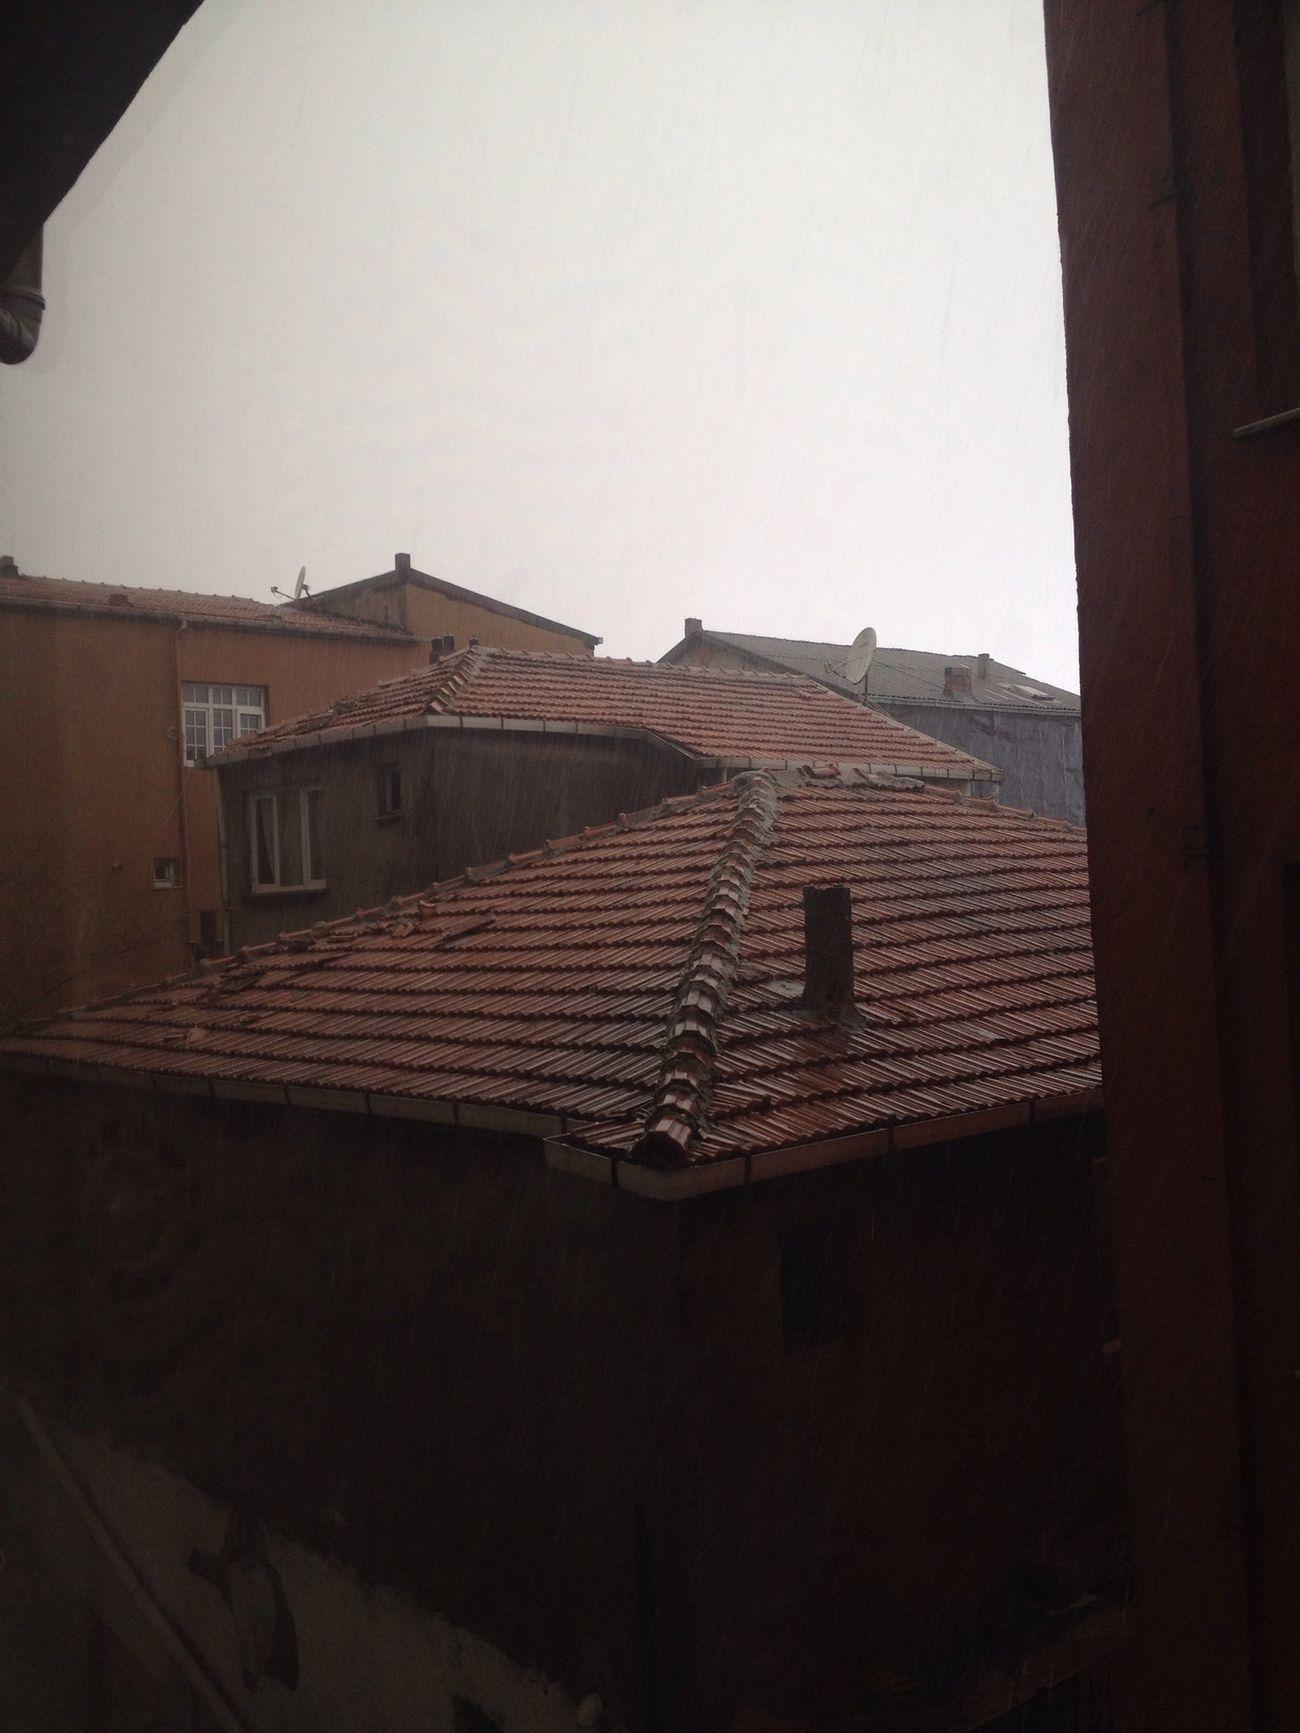 Çok güzel yağmur yağiyor şimşeler Gök gürlüyor süper bereket yağiyor mübarek